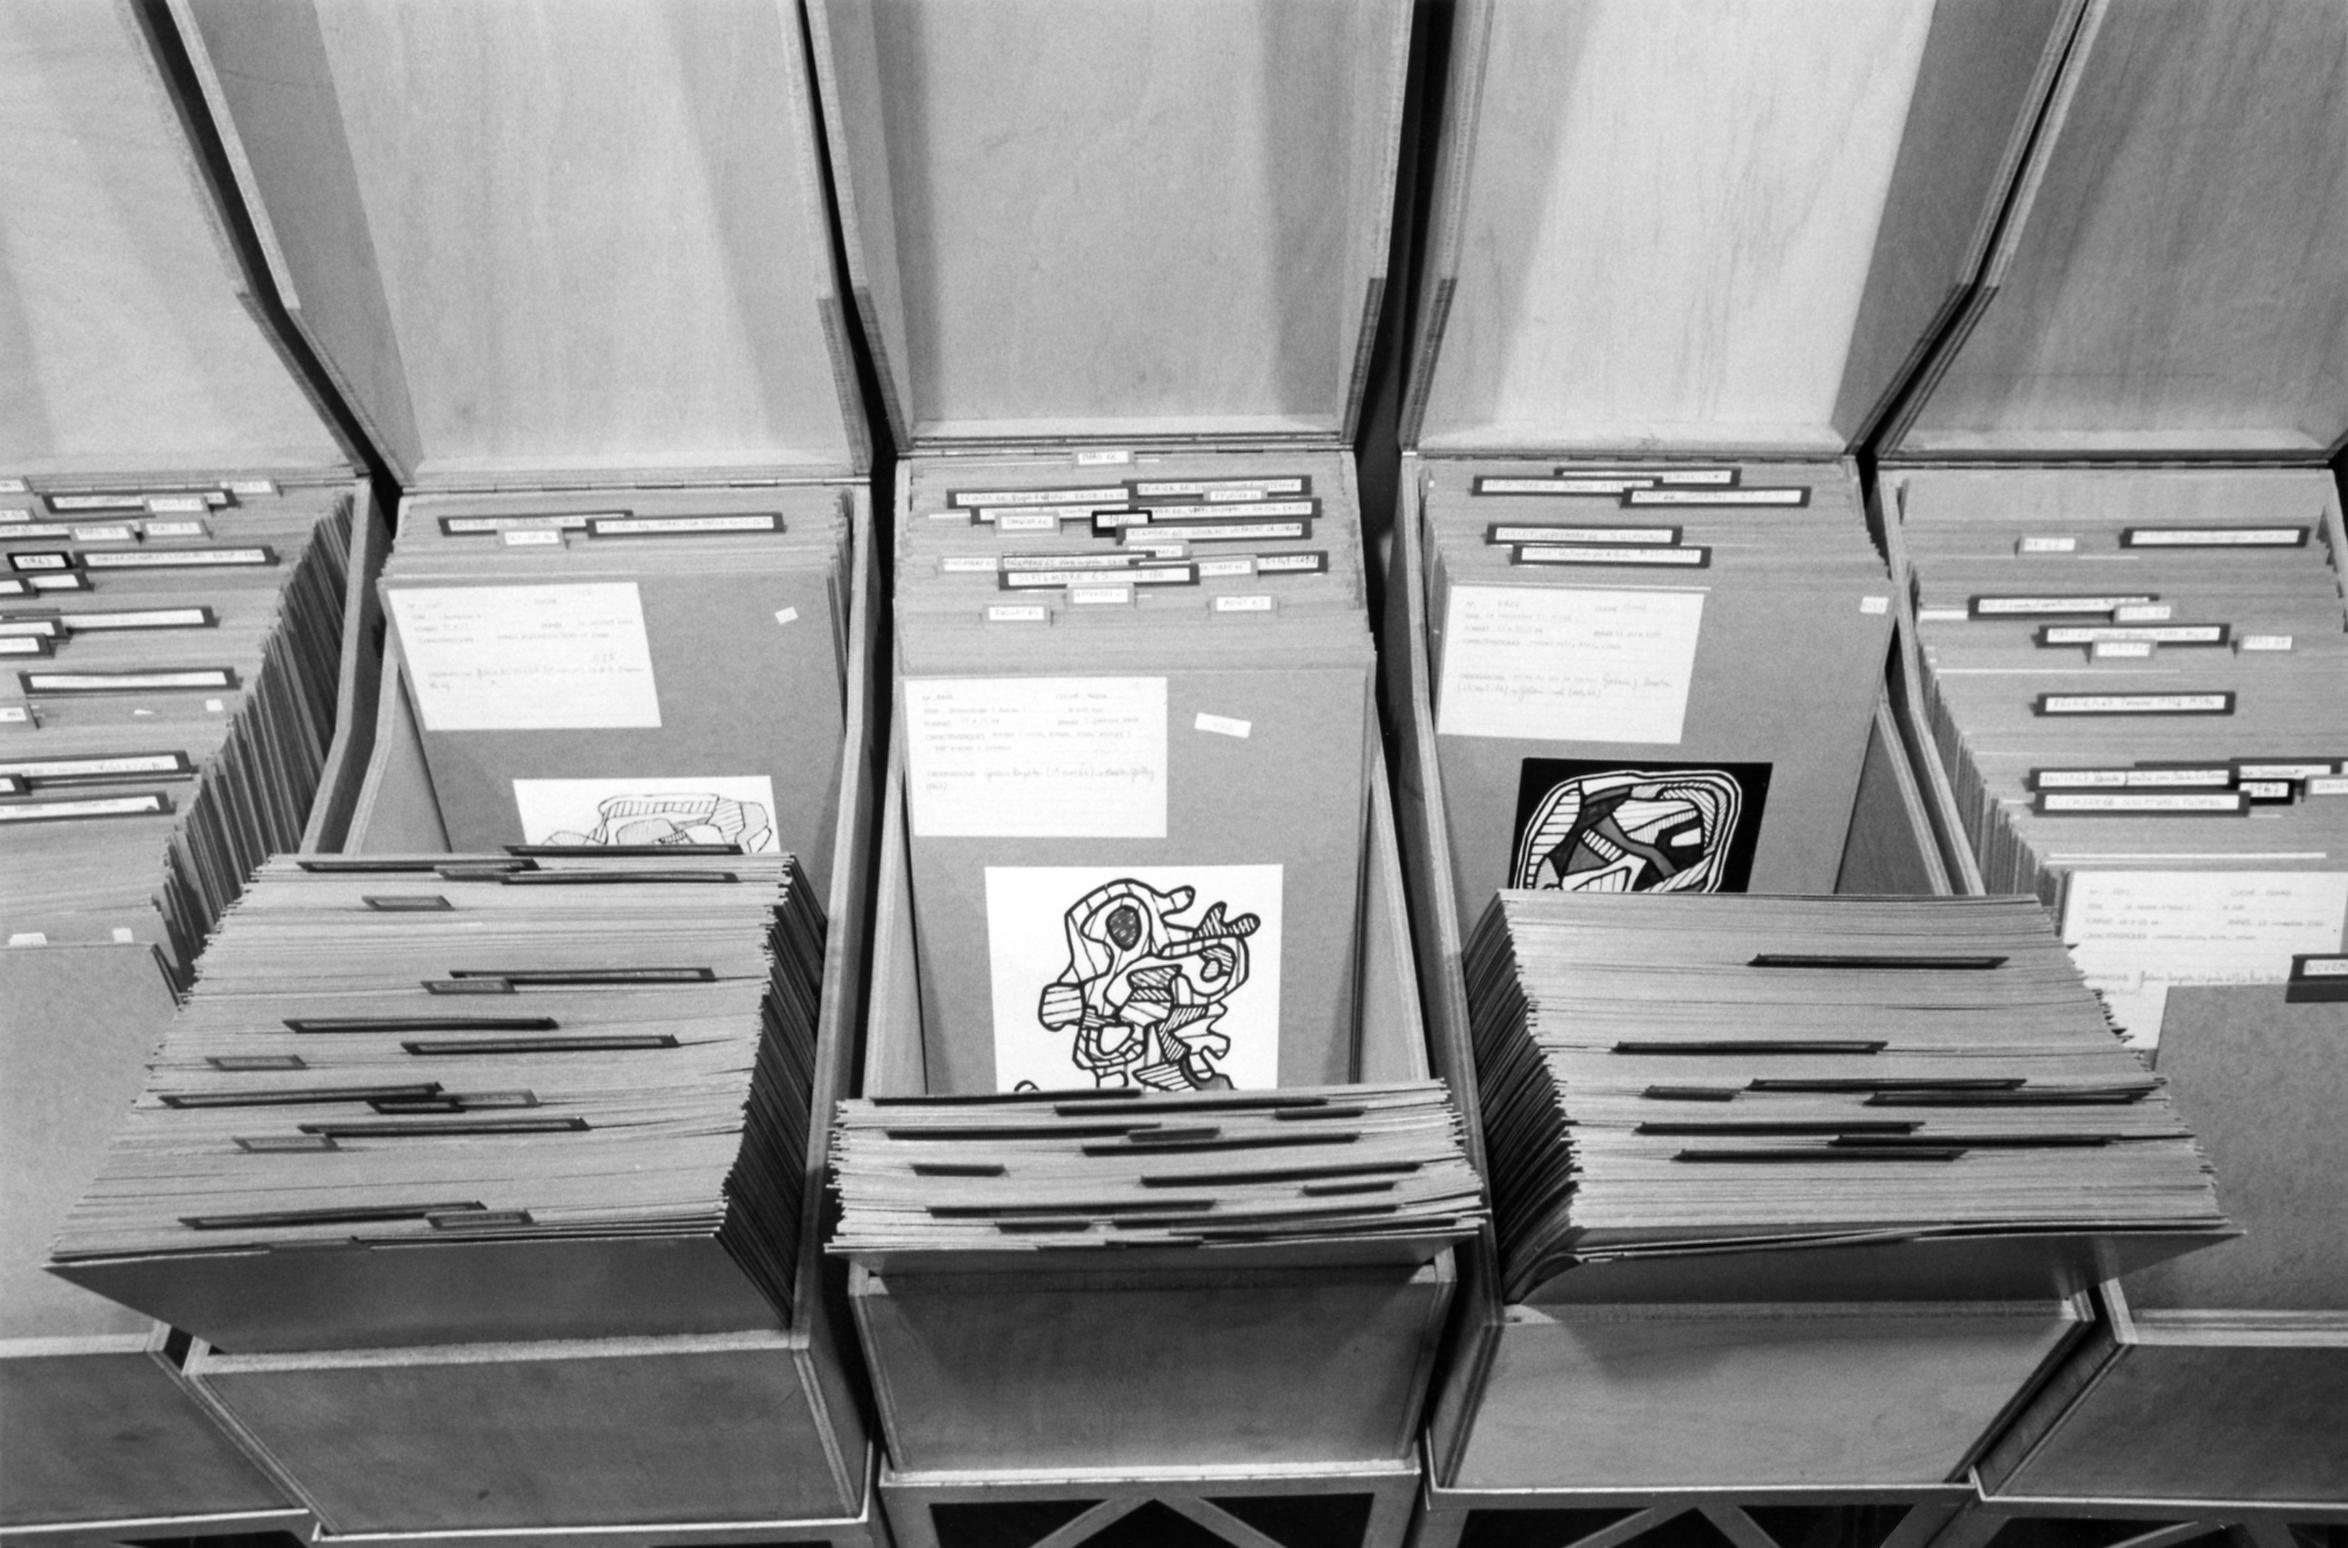 Kurt Wyss, Le Grand fichier, secrétariat de la rue de Verneuil, Paris, 2 octobre 1970 © Kurt Wyss_Bale.jpg